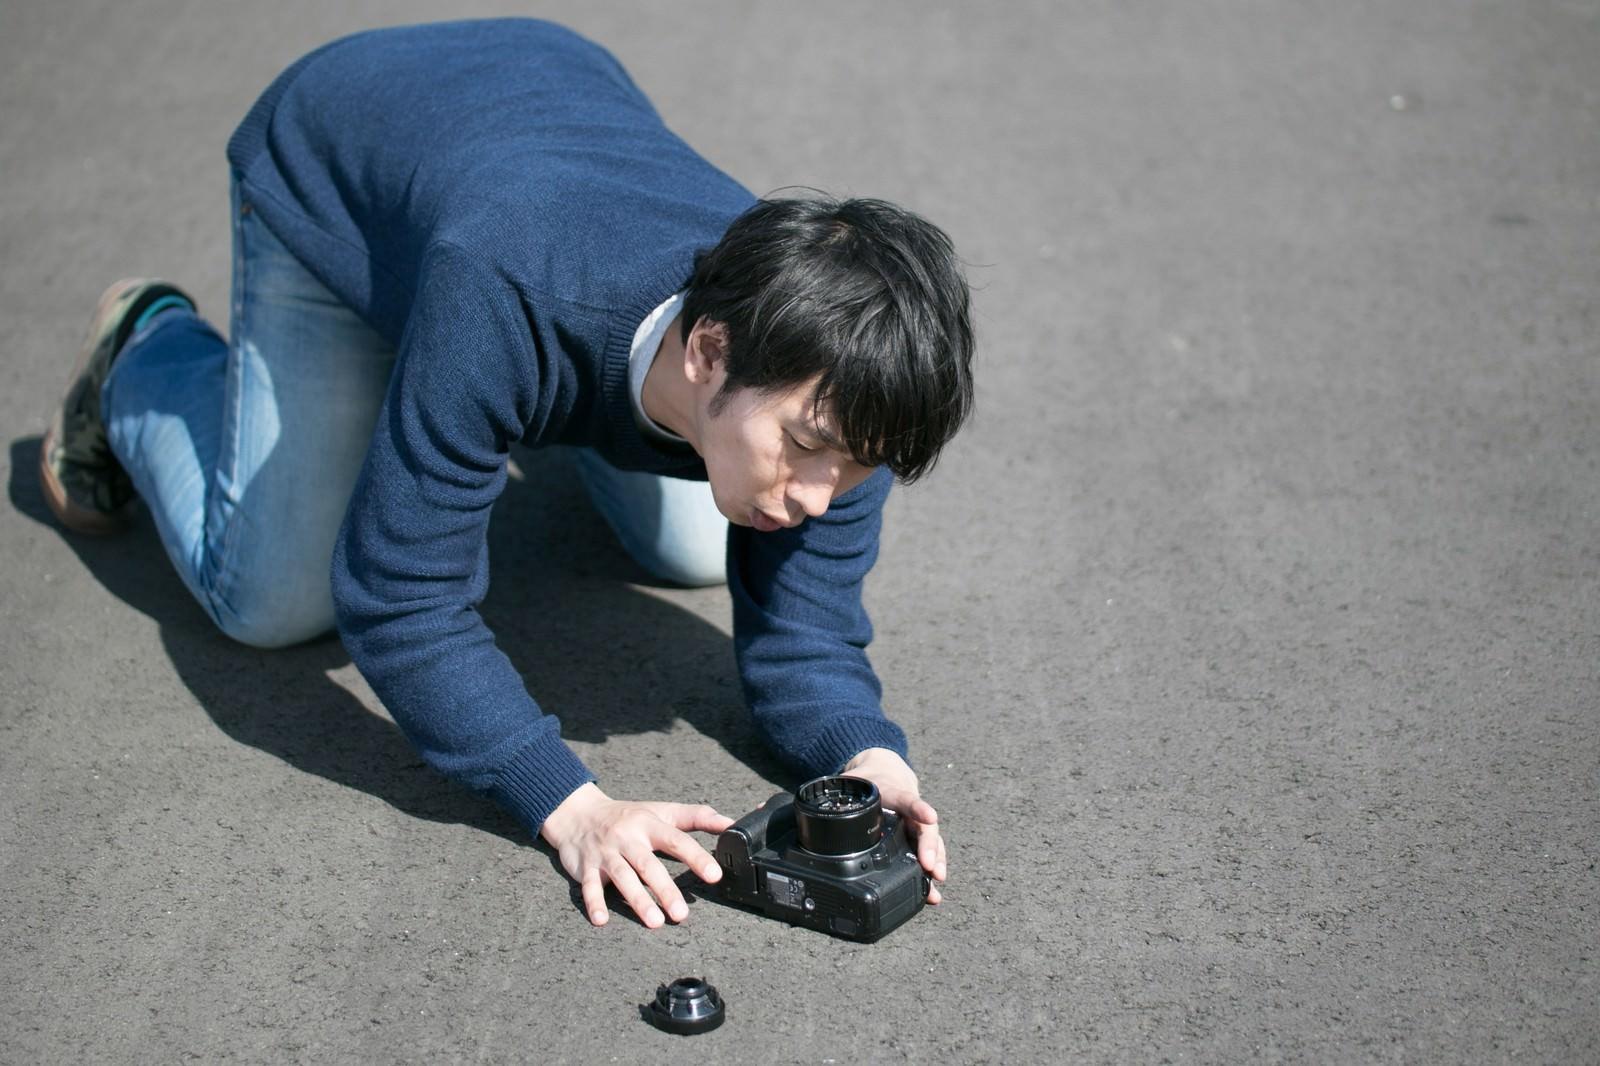 「ストラップ忘れはカメラ破損のトラップ」の写真[モデル:大川竜弥]